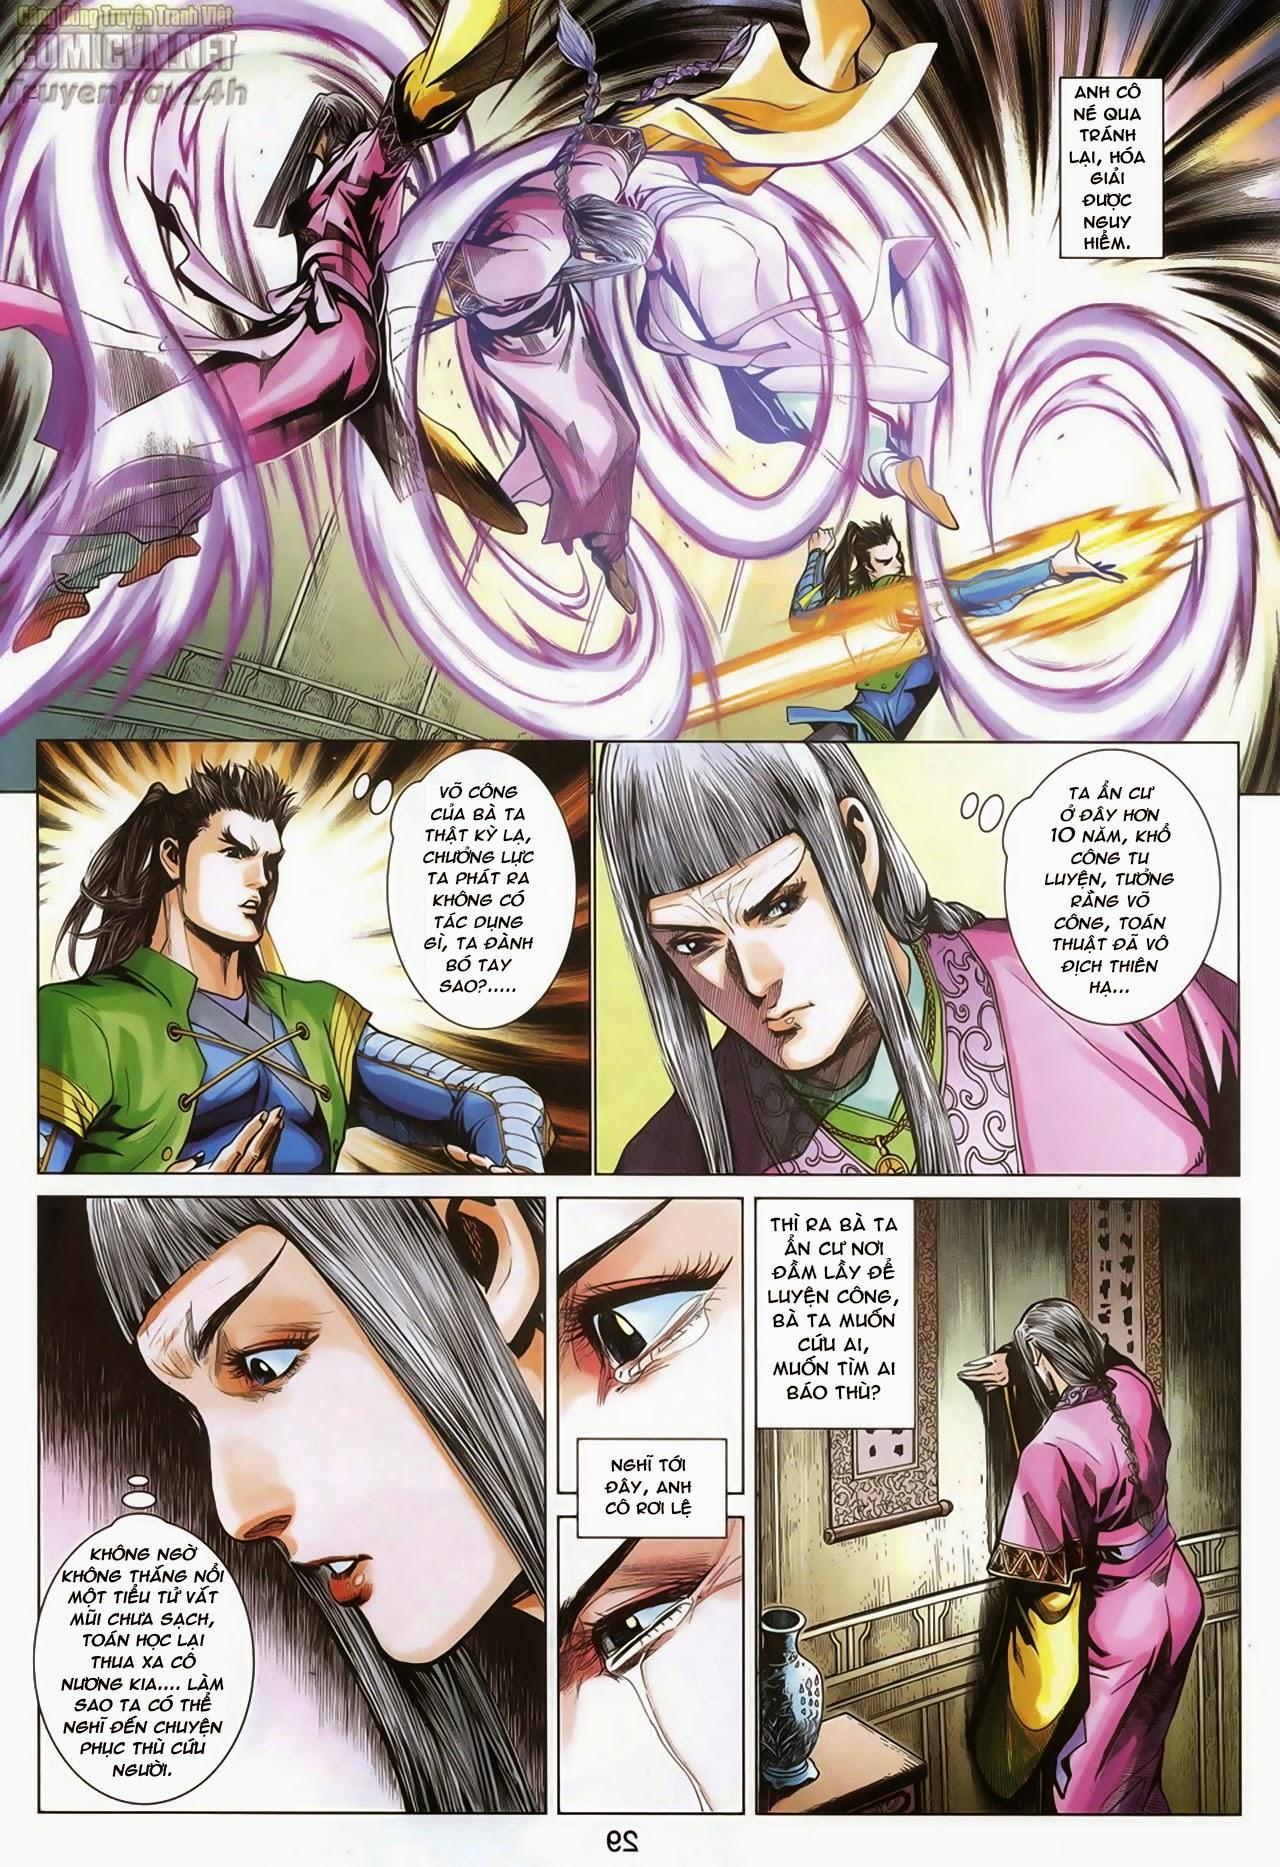 xem truyen moi - Anh Hùng Xạ Điêu - Chapter 70: Hắc Chiểu Ẩn Nữ